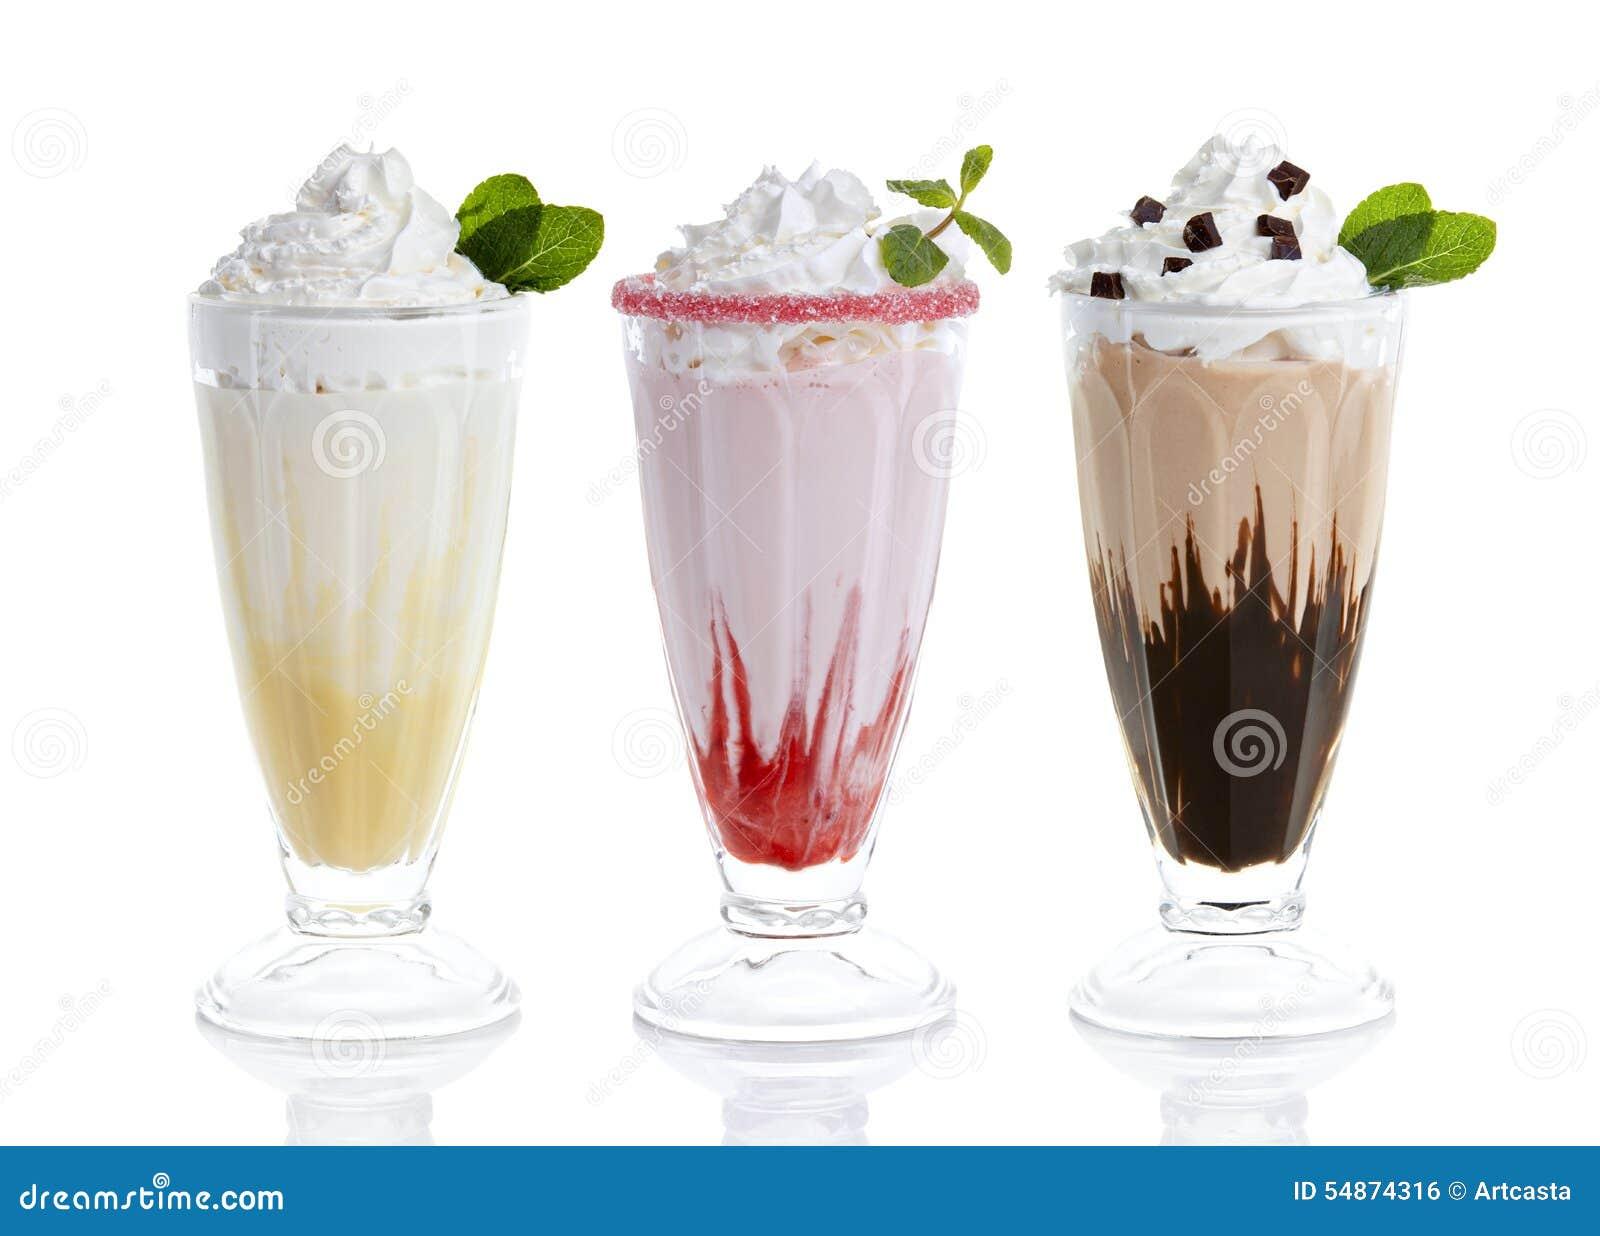 Three glasses of milkshakes